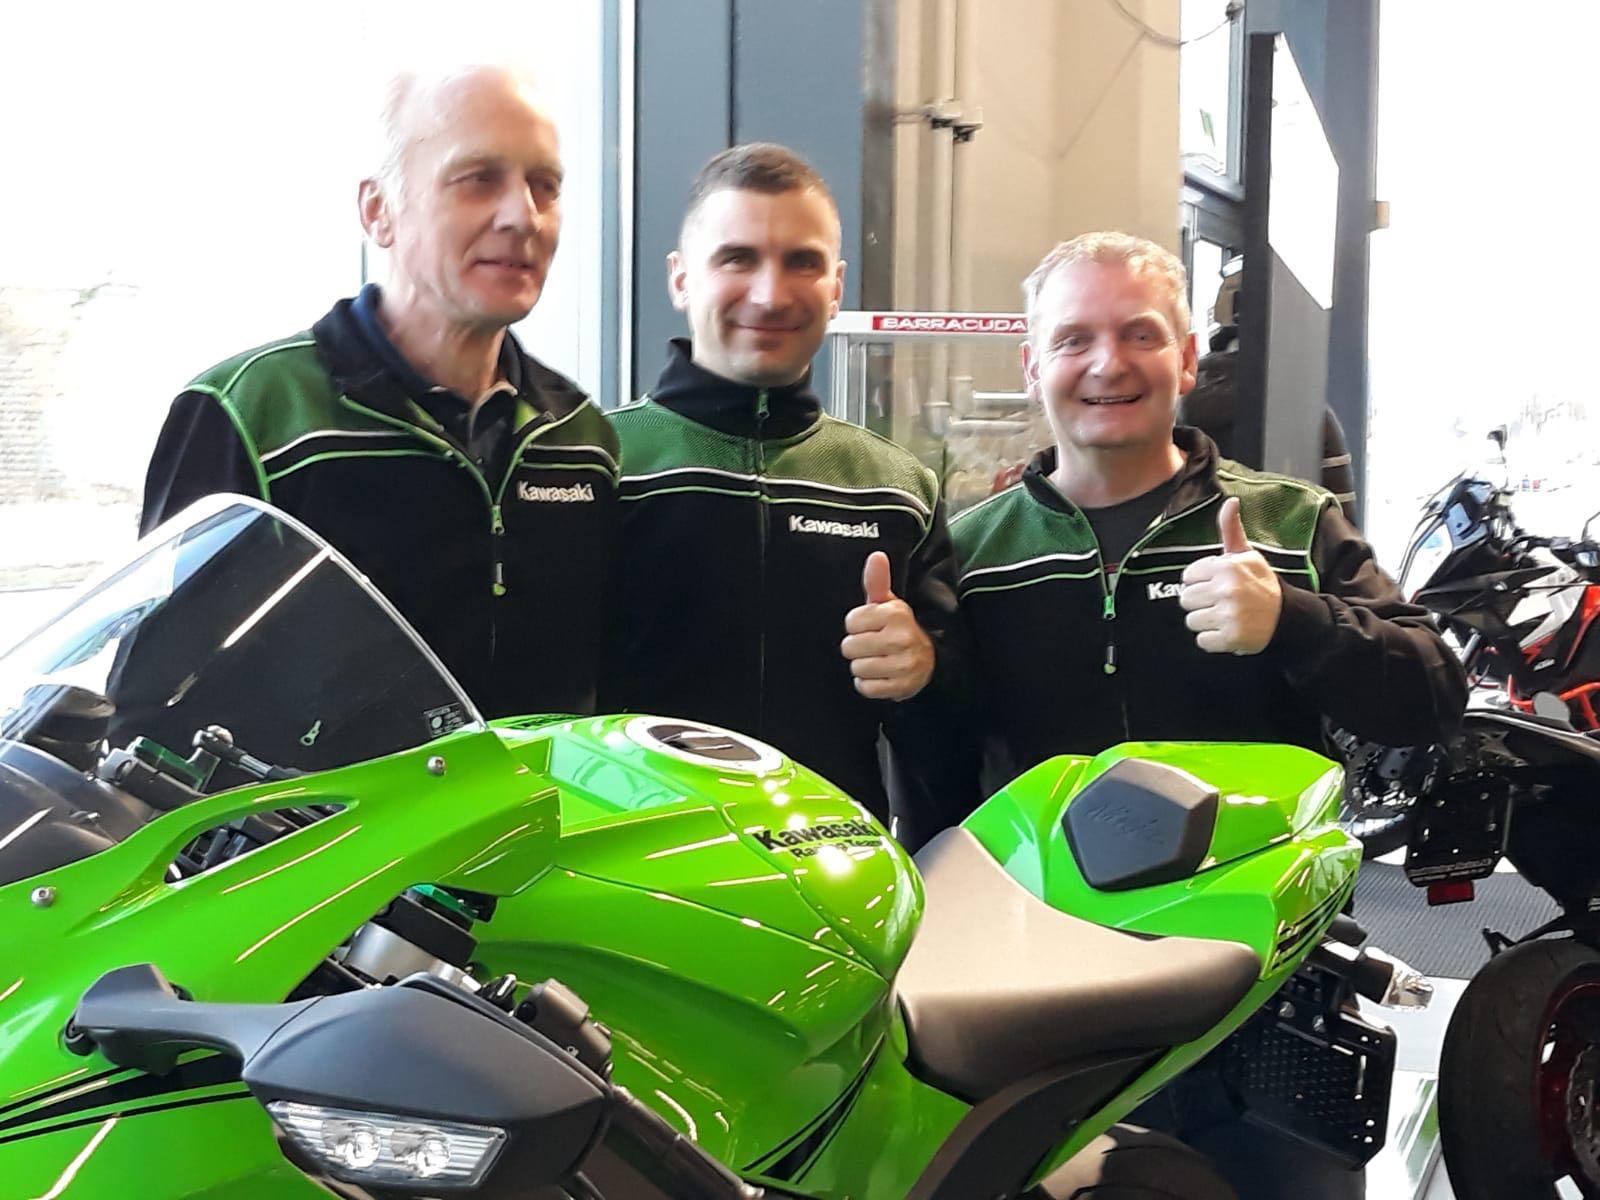 IDM Superbike 1000: Erwan Nigon kehrt auf Kawasaki in die Prestige-Klasse zurück